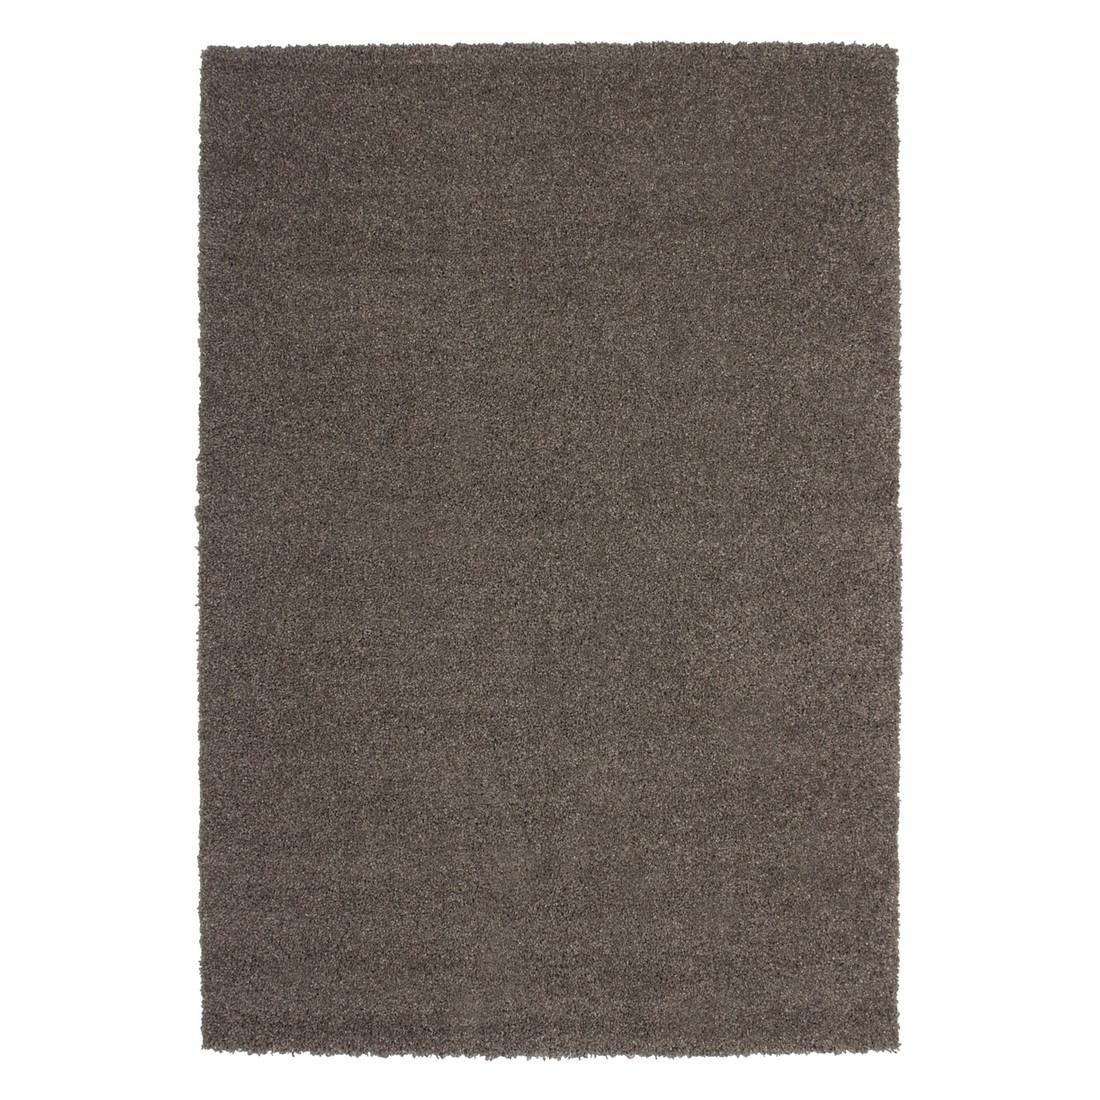 Teppich Tanger I – Beige – 120 x 170 cm, Obsession jetzt bestellen